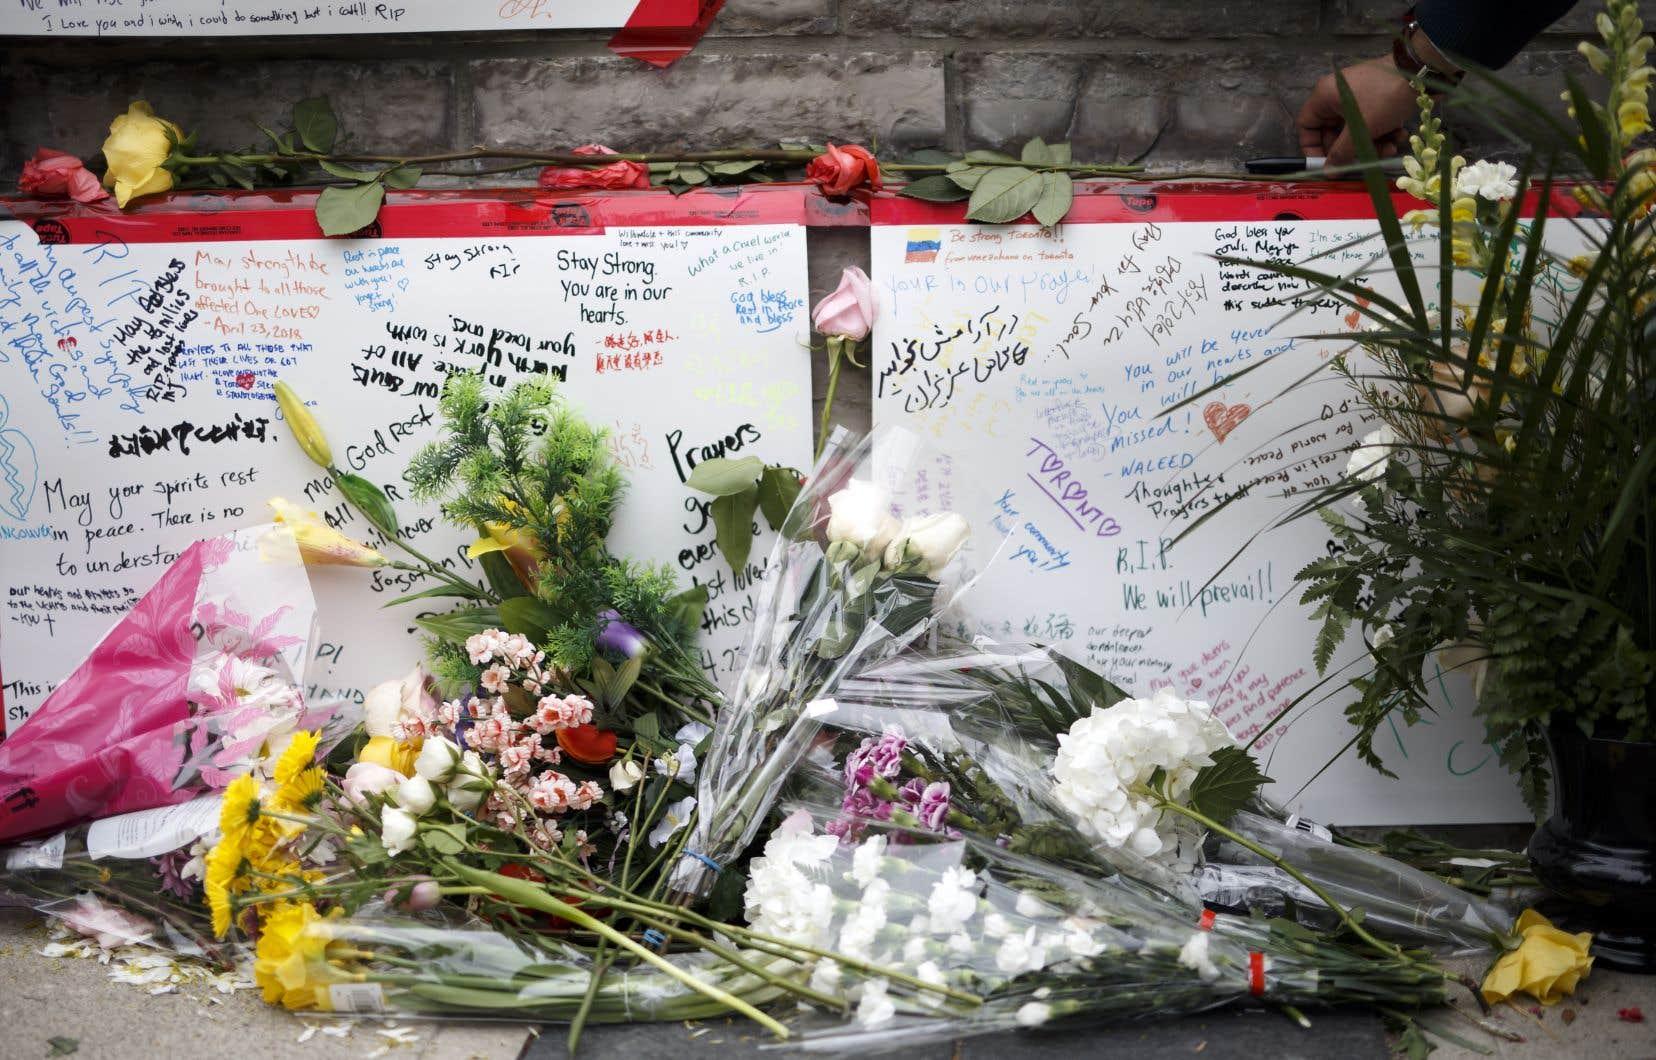 Des messages écrits en différentes langues et des fleurs ont été déposés sur un leu de recueillement spontané pour les victimes de l'attaque.